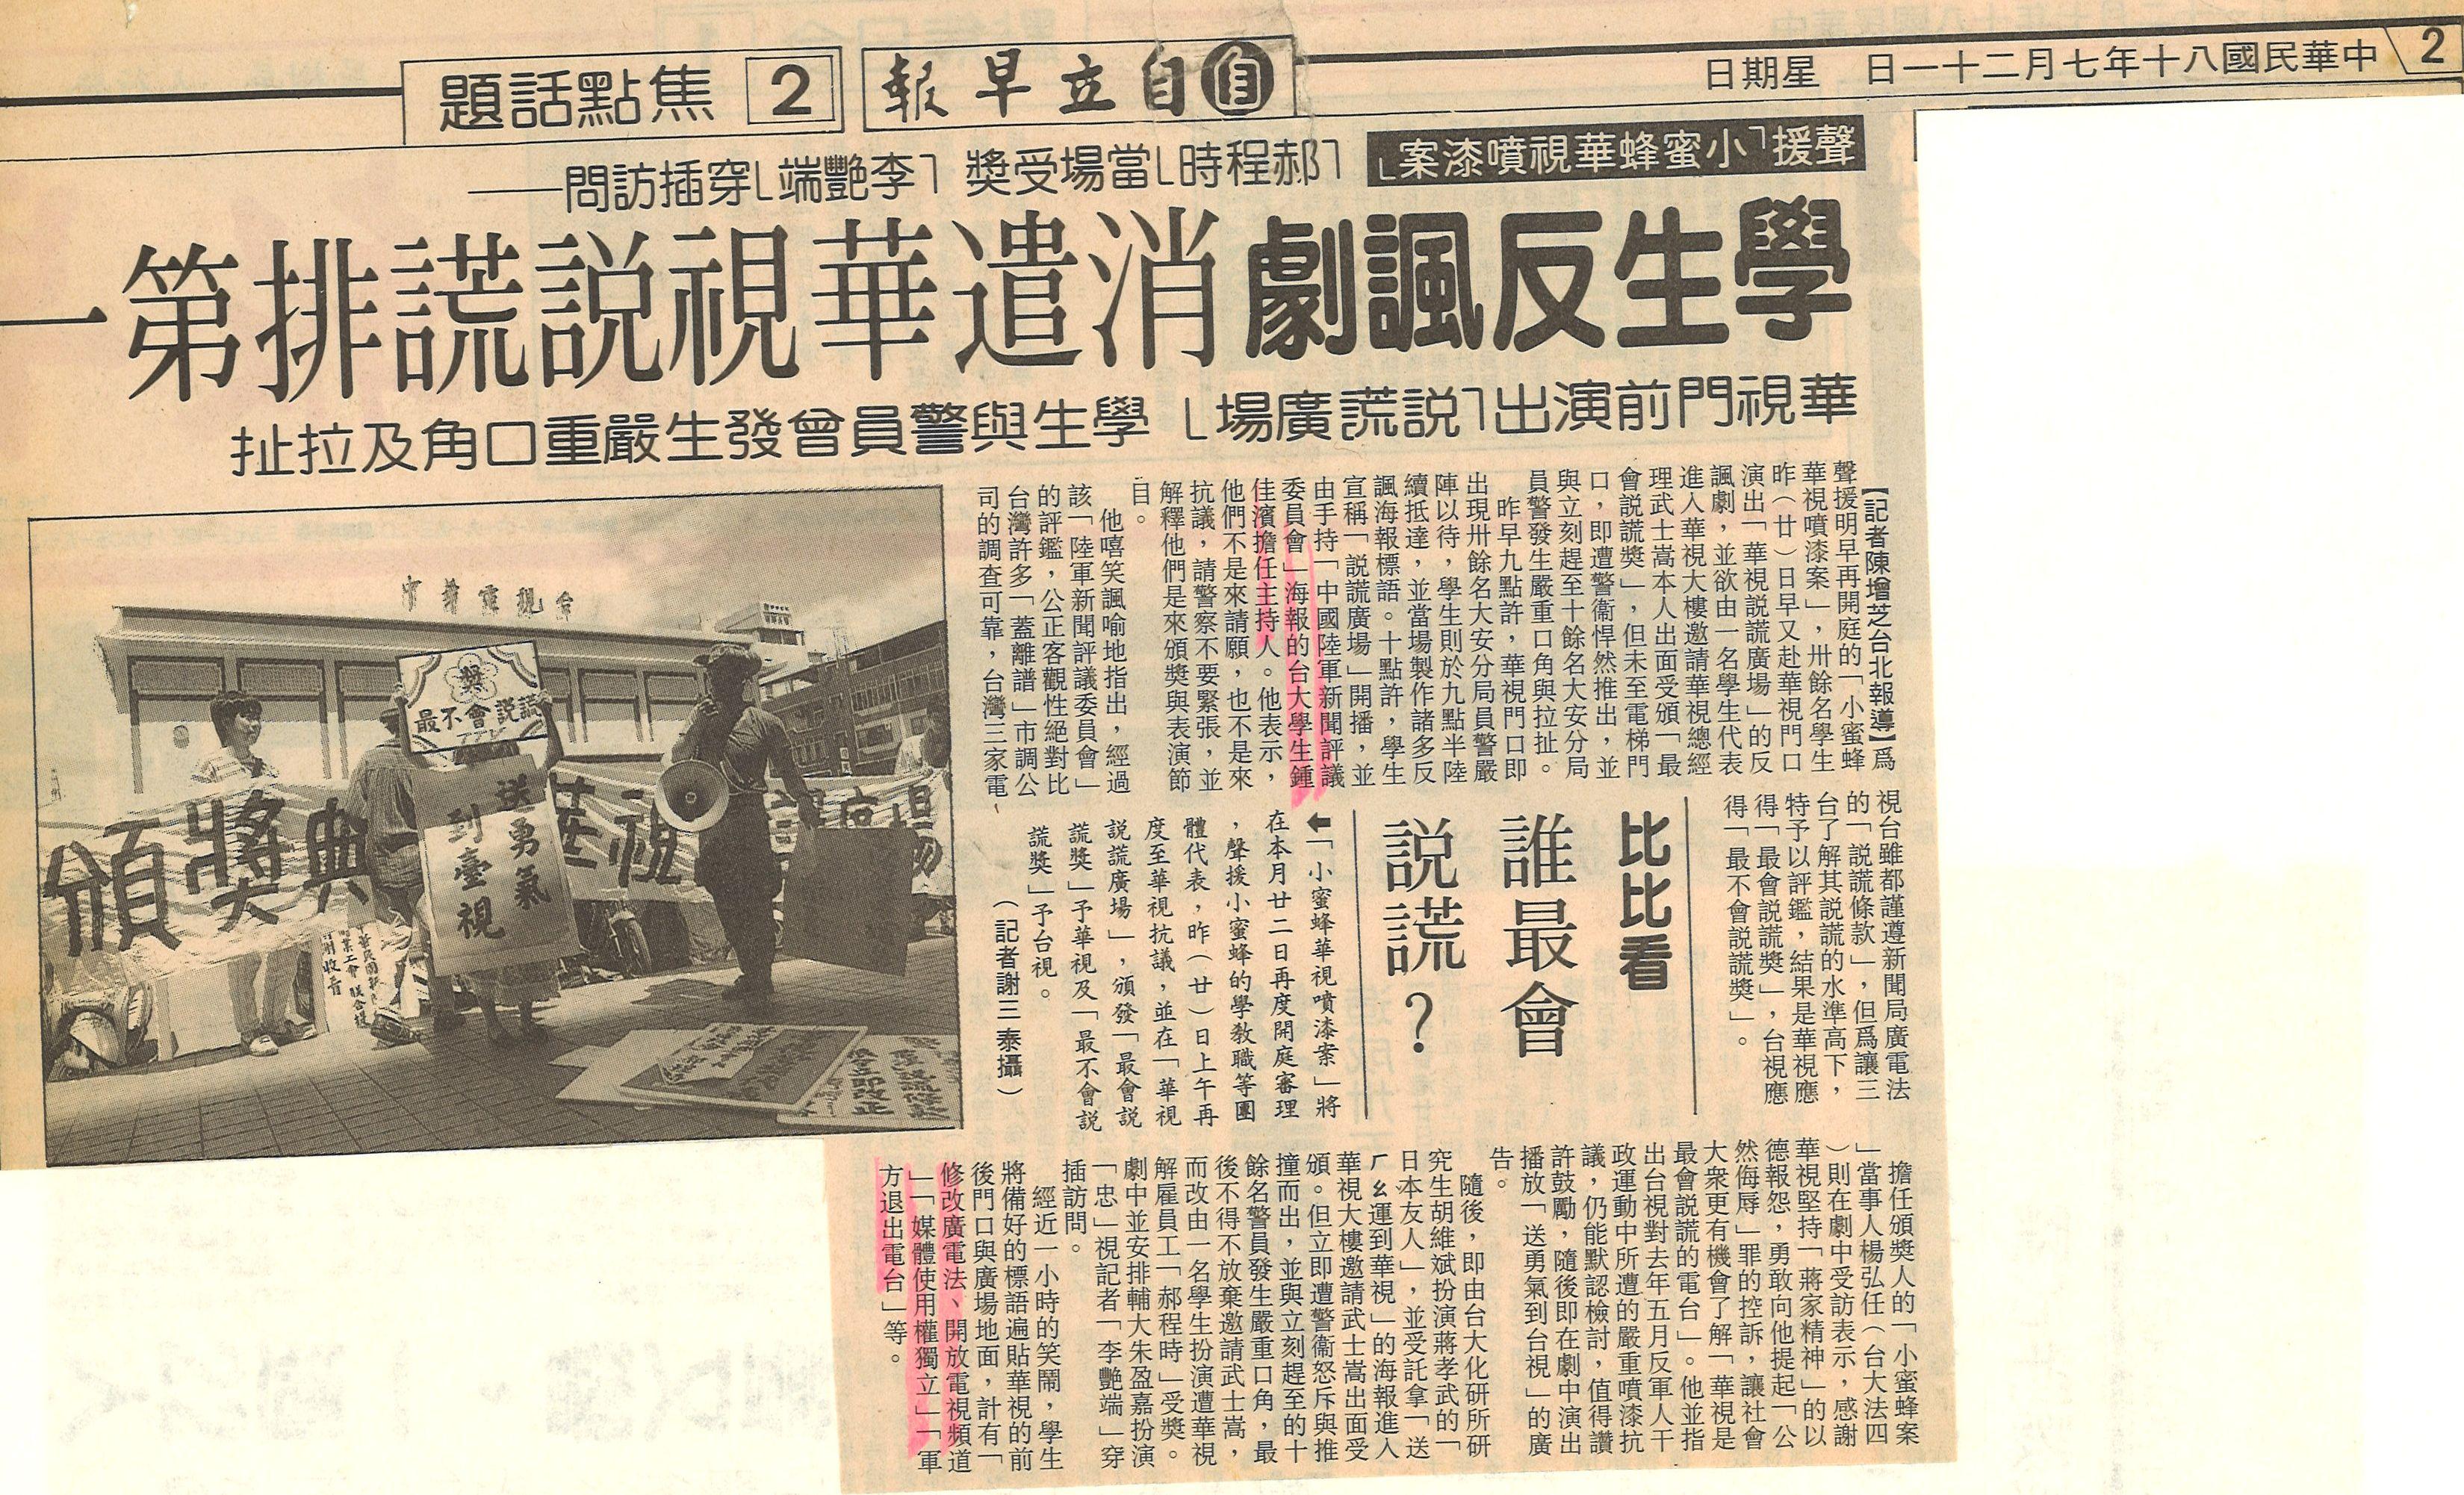 |電視輓歌說故事| 90年代的台灣 慾望與期望的蠢動、興盛對比今日台媒的前景